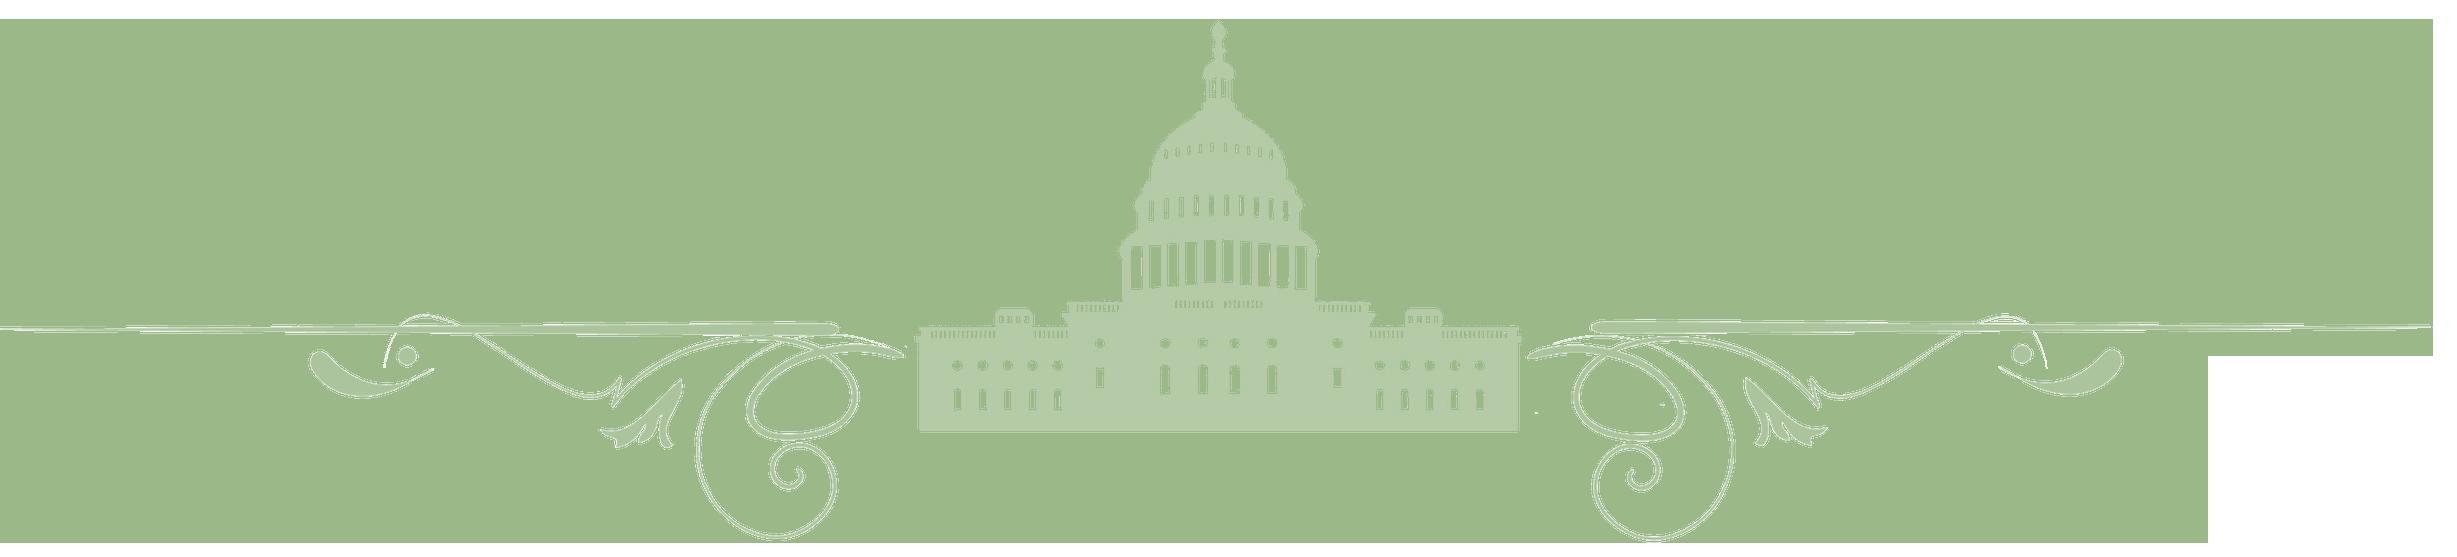 DC Divider 2018 NFIC Half Size Lt Green